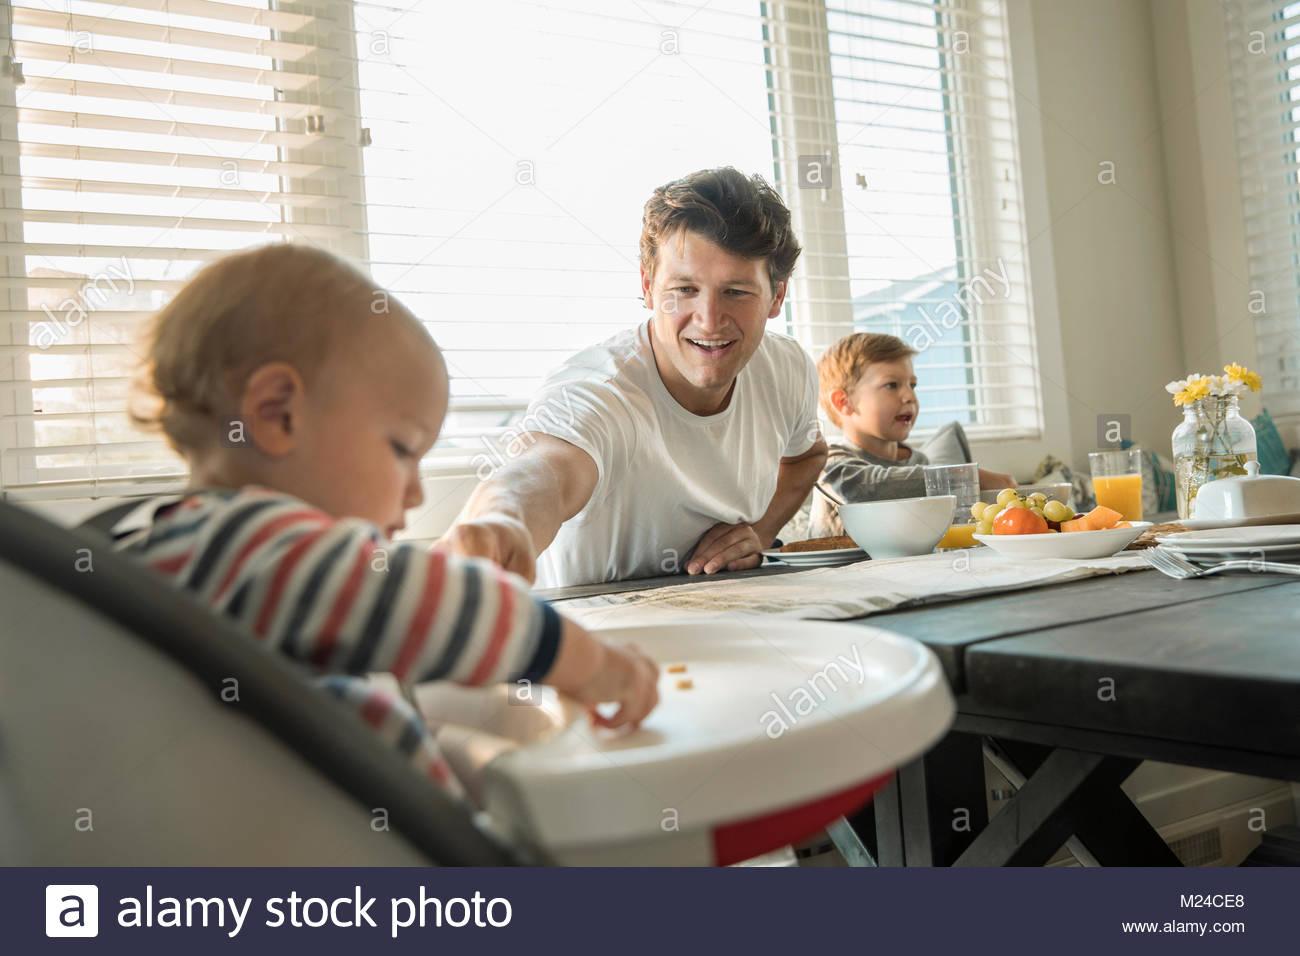 Padre alimentazione figlio bambino in sedia alta Immagini Stock